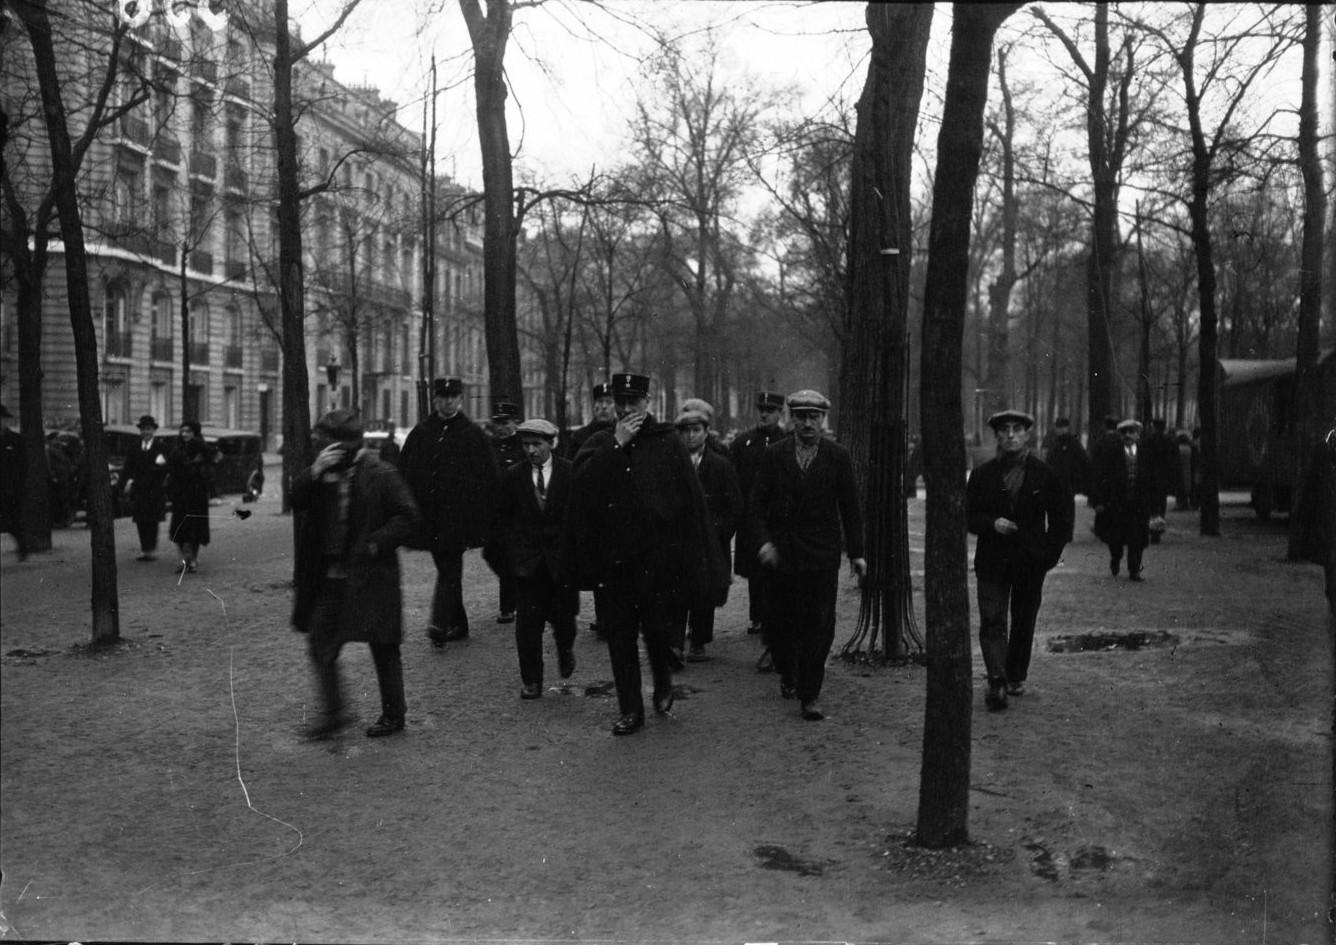 Арест протестующих против безработицы. Набережная Орси